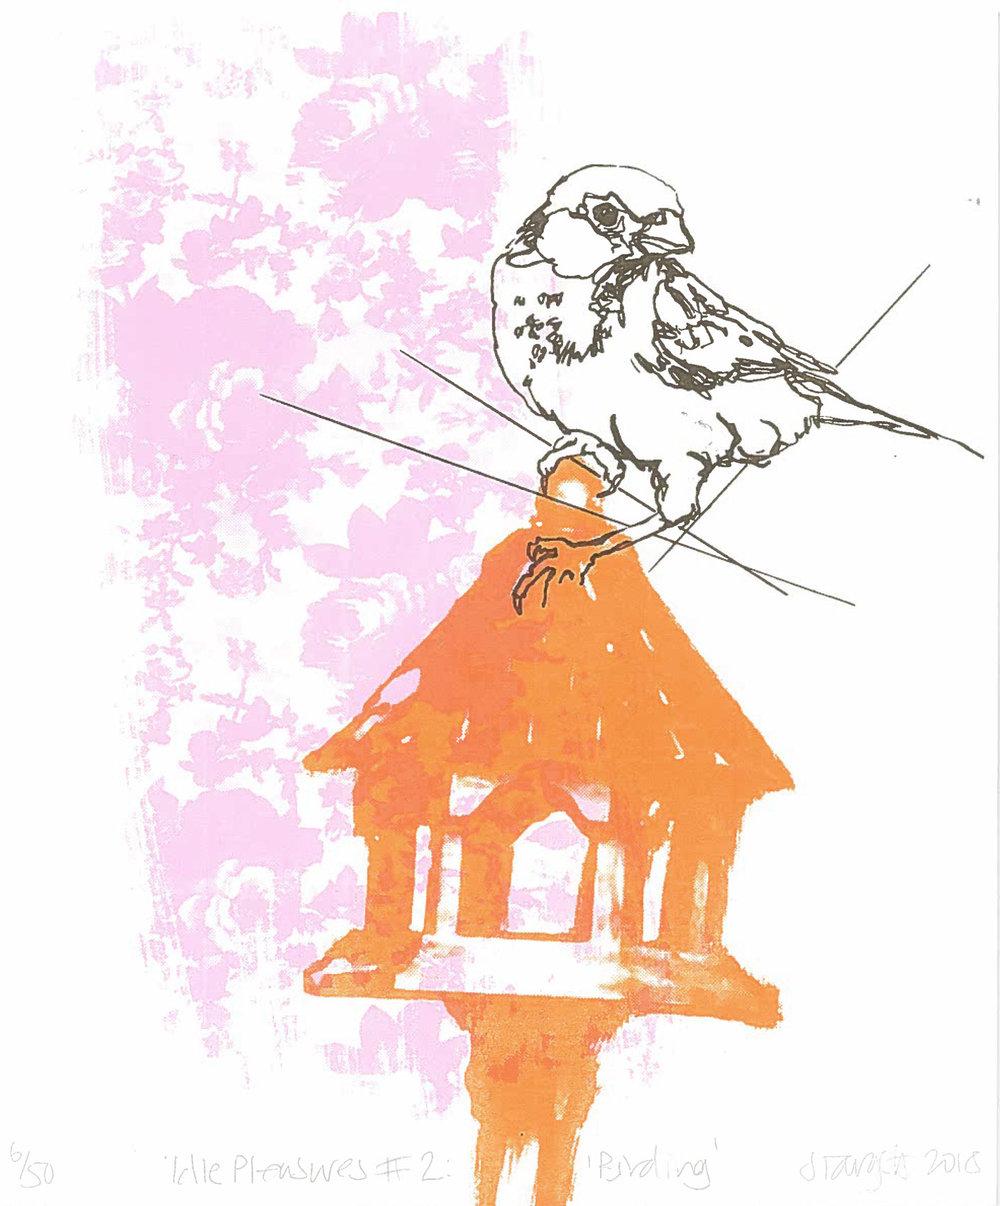 Idle Pleasures No. 2 - 'Birding'